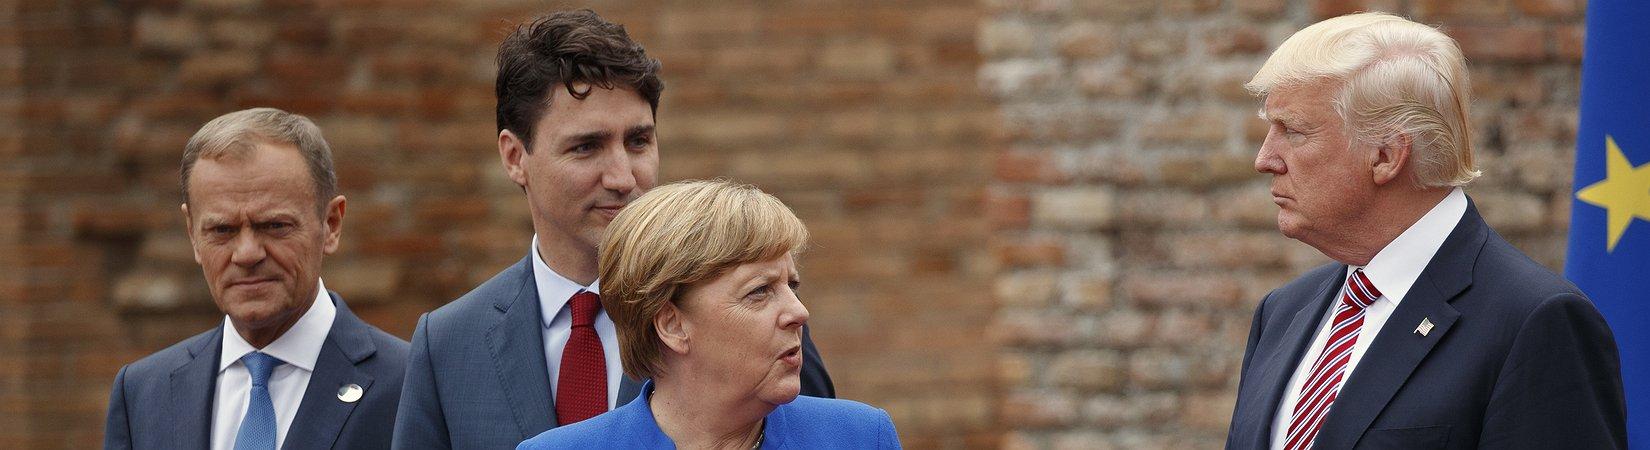 Меркель: Европа больше не может полагаться на США и Великобританию